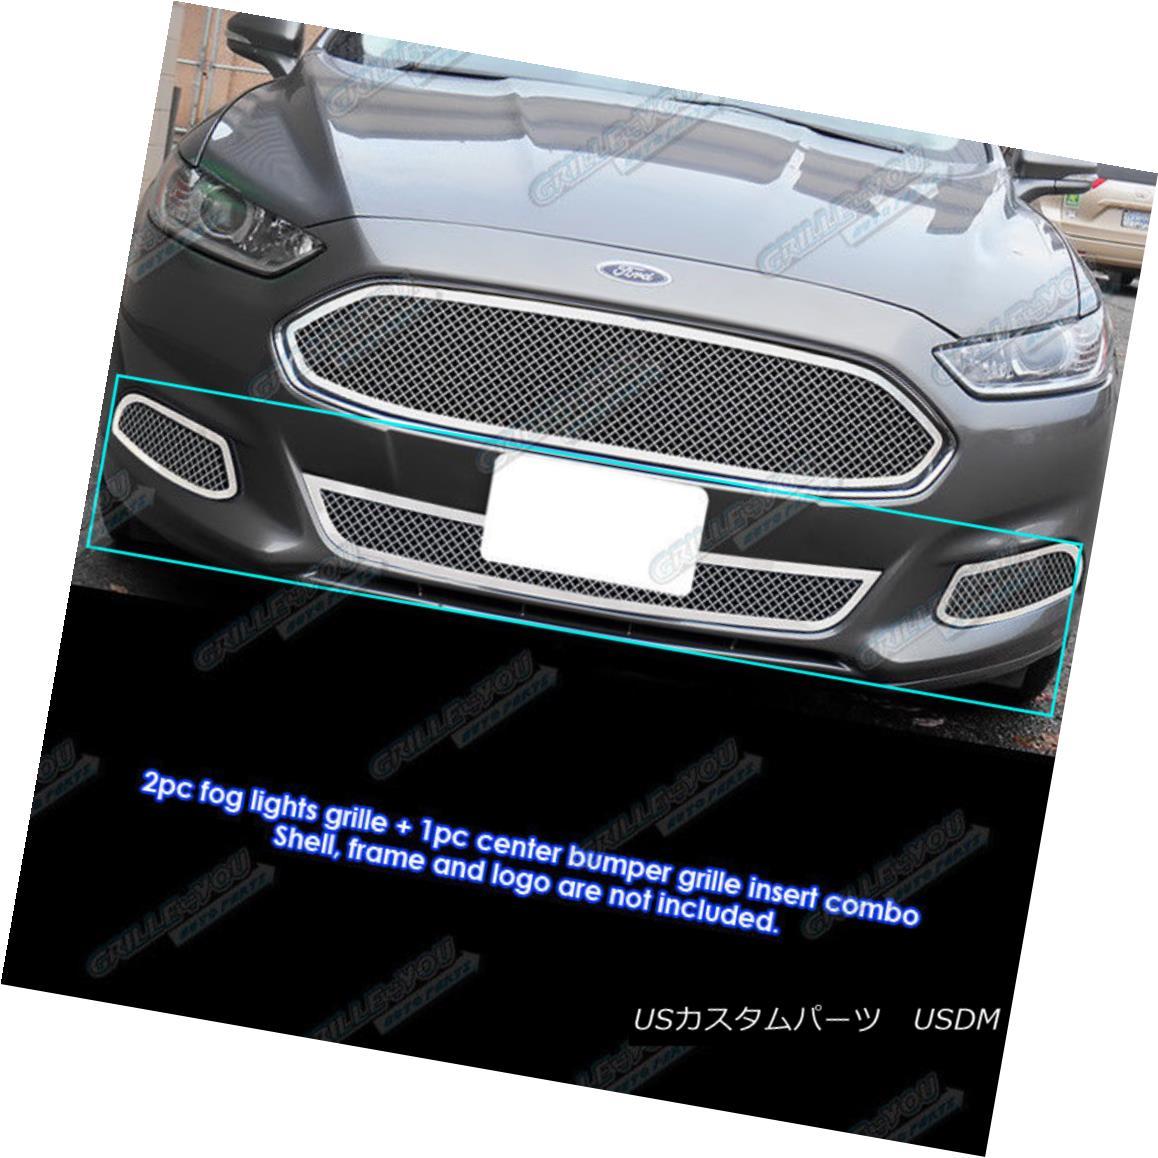 グリル For 2013-14 Ford Fusion Bumper & Light Cover Stainless Steel Mesh Grille Combo 2013-14 Ford Fusion Bumper& amp; ライトカバーステンレスメッシュグリルコンボ